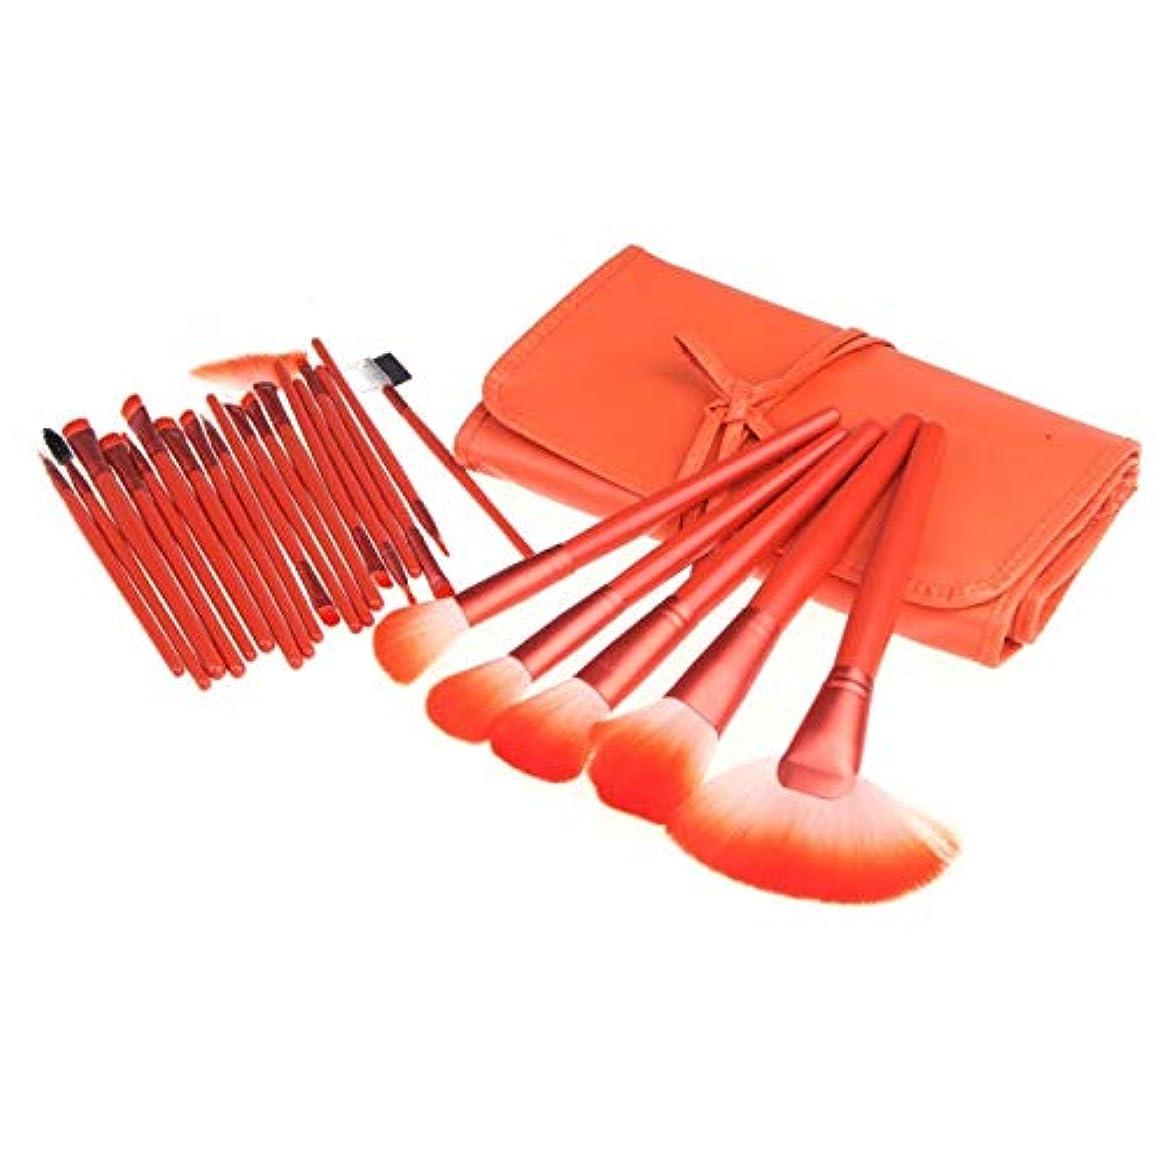 休暇教科書理論的Zbratta 化粧ブラシ24化粧ブラシセット化粧バッグ化粧ブラシ絶妙なソフトで快適なブラシ繊細な化粧プロの化粧ブラシ 売り上げ後の専門家 (Color : Orange)